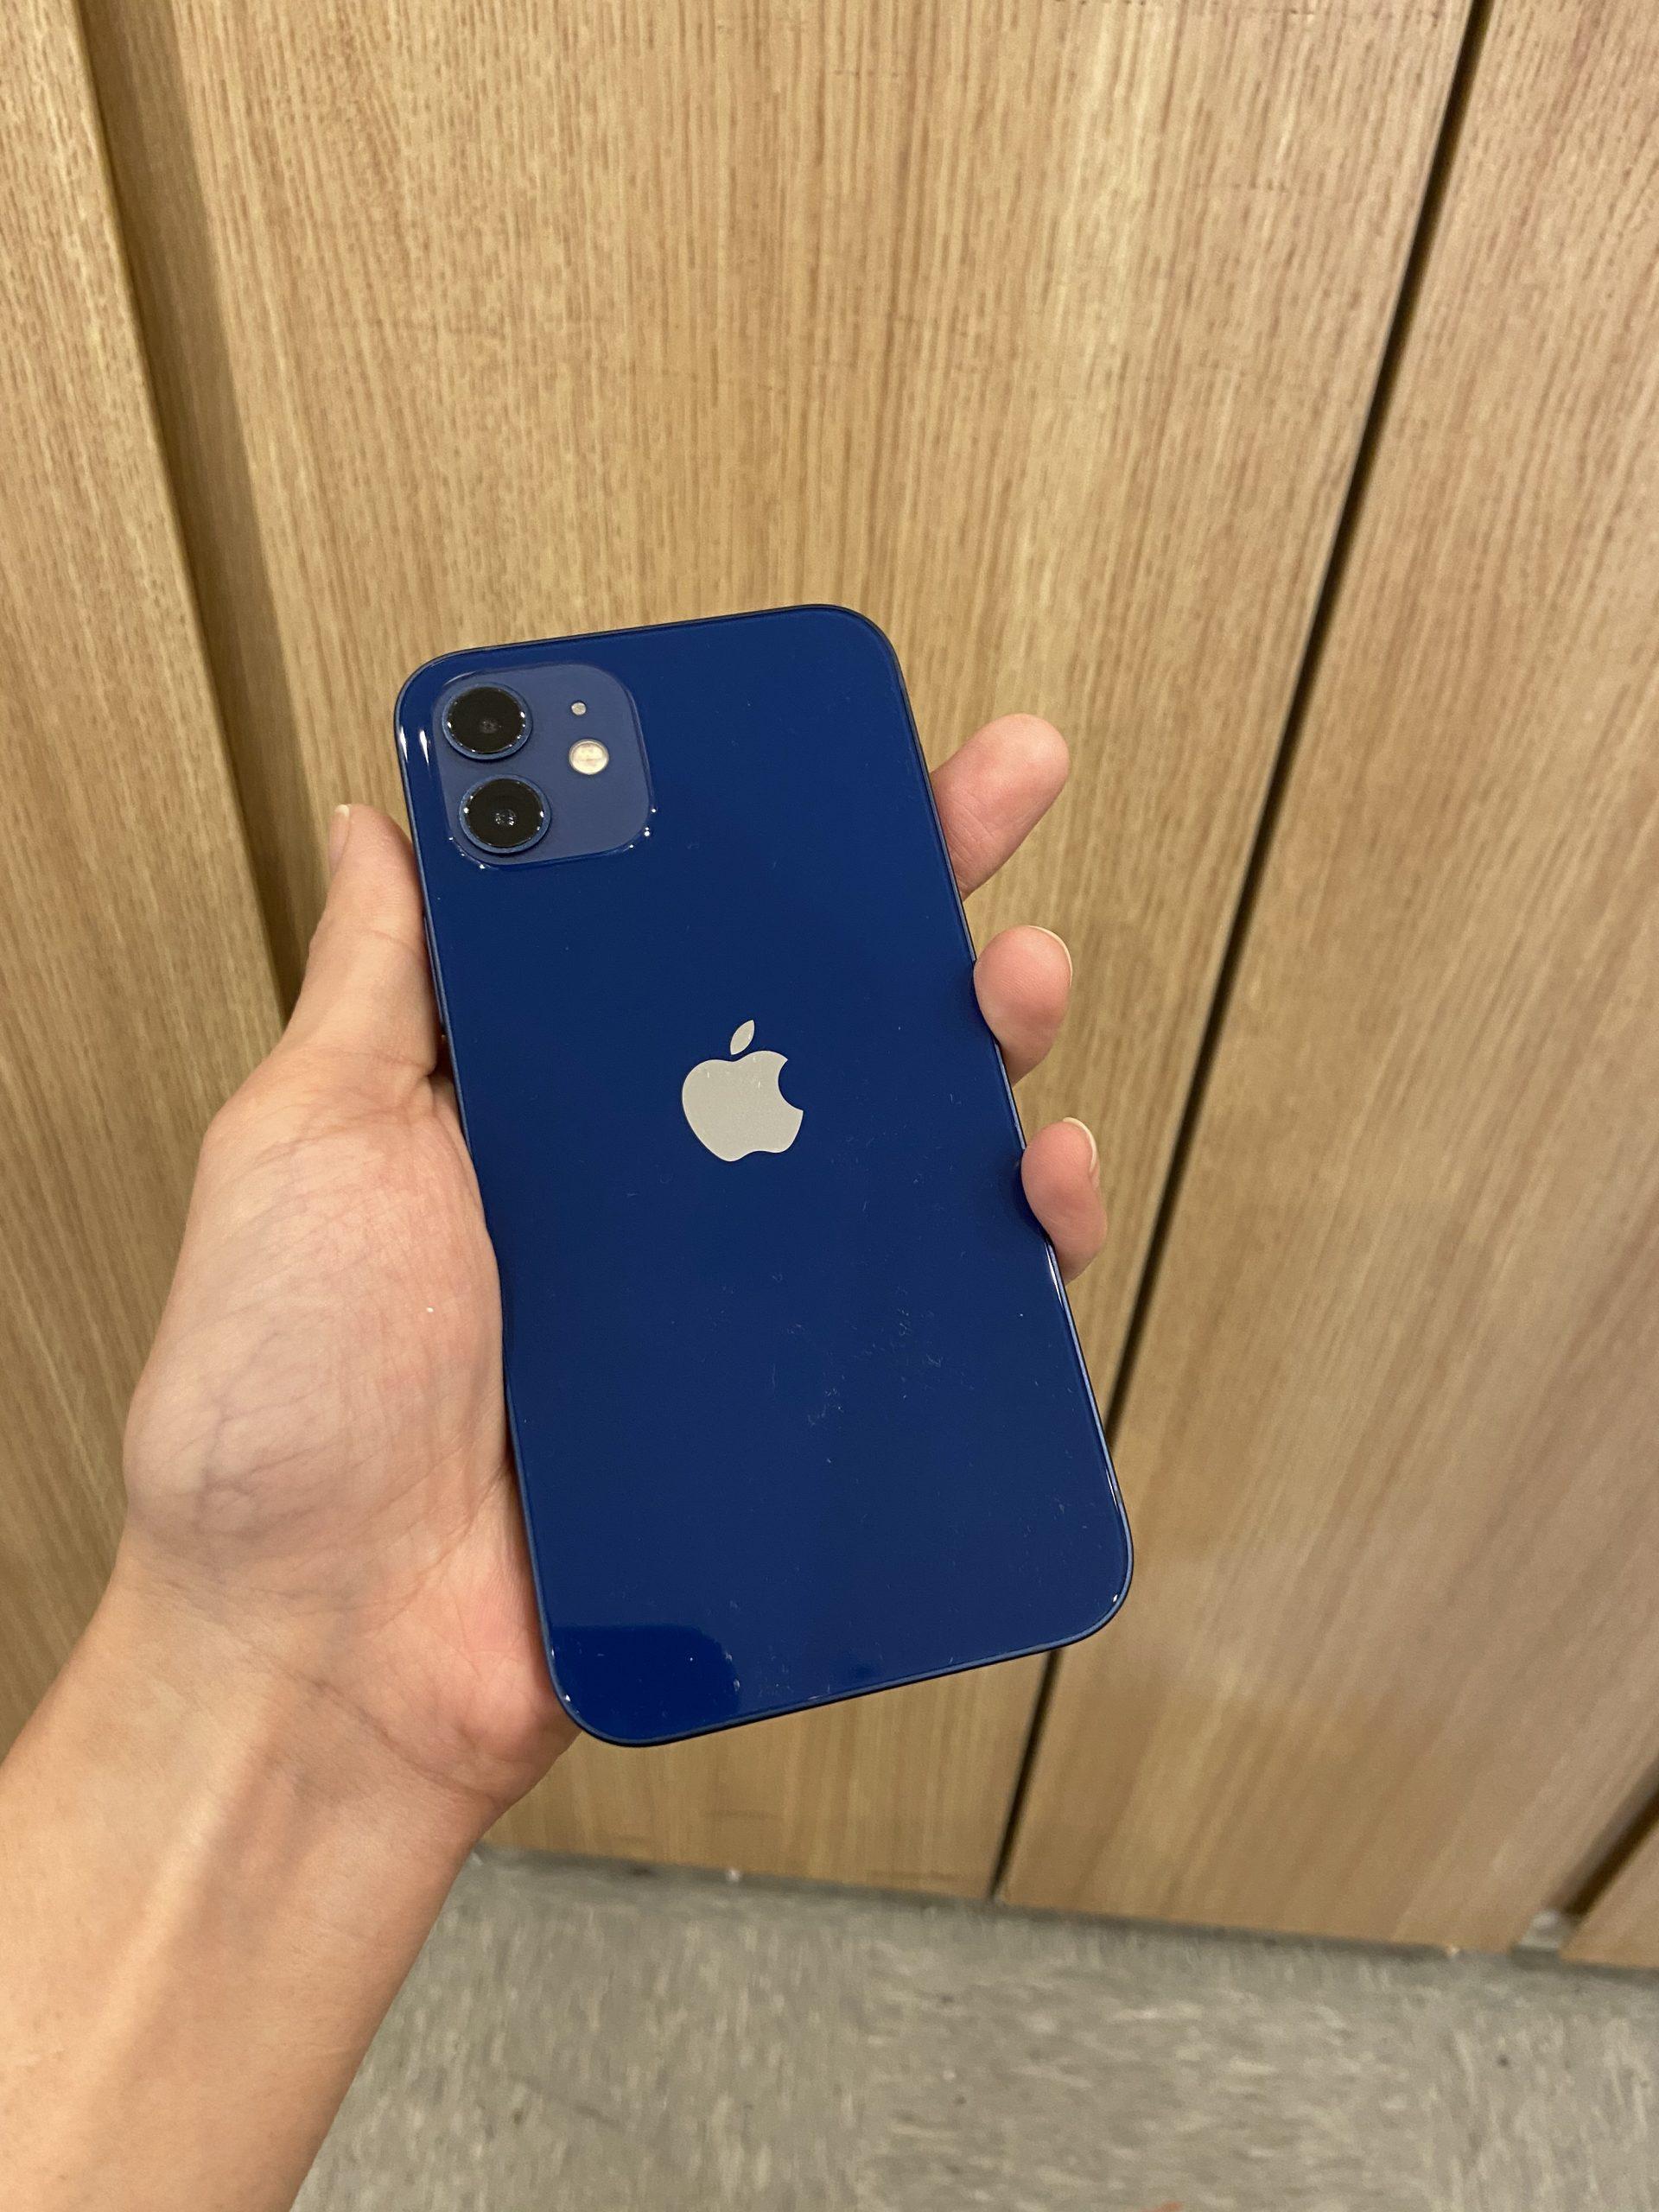 iPhone12 64GB au○ ブルー 中古